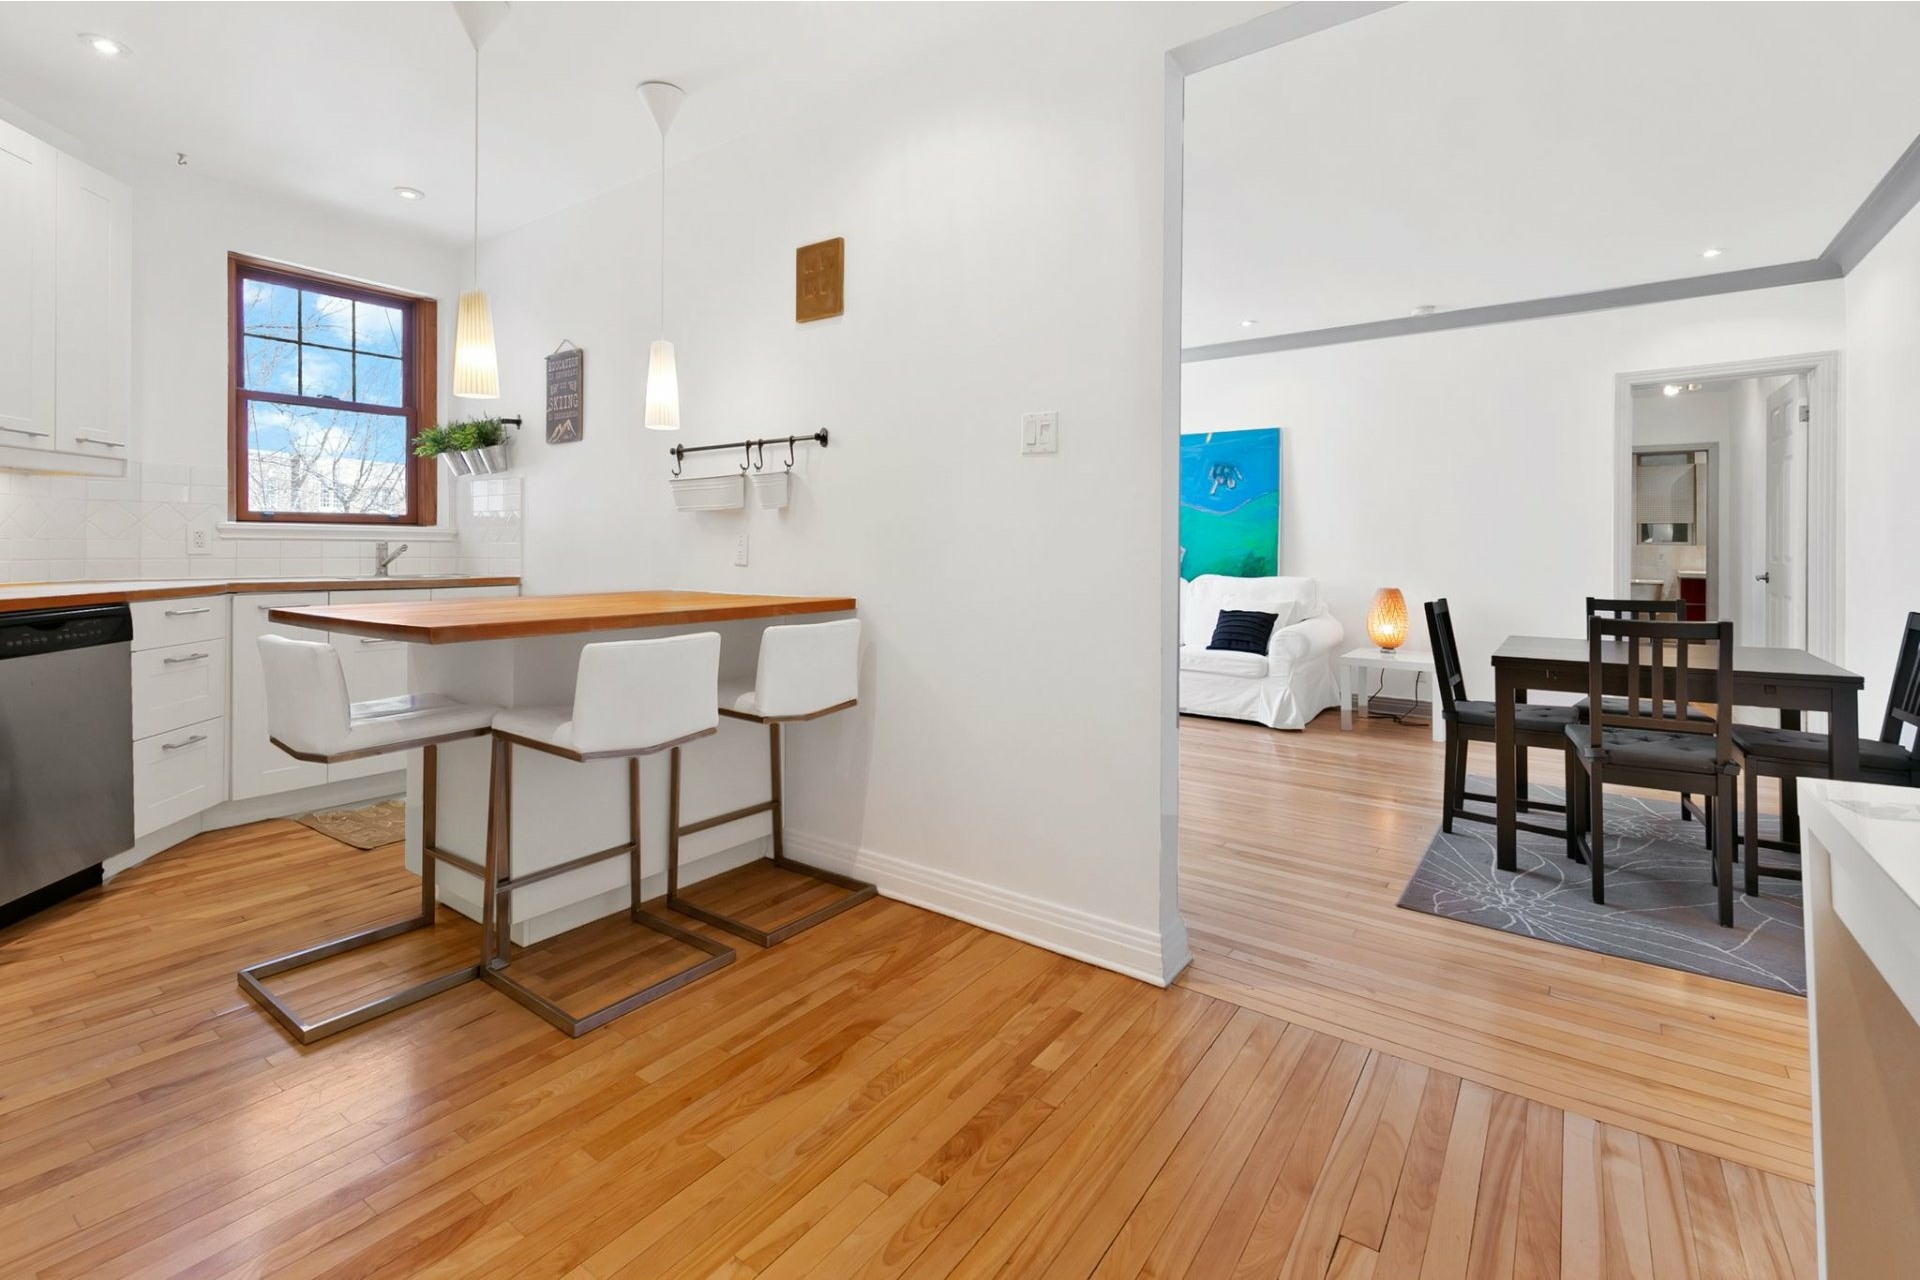 image 8 - Apartment For sale Côte-des-Neiges/Notre-Dame-de-Grâce Montréal  - 5 rooms